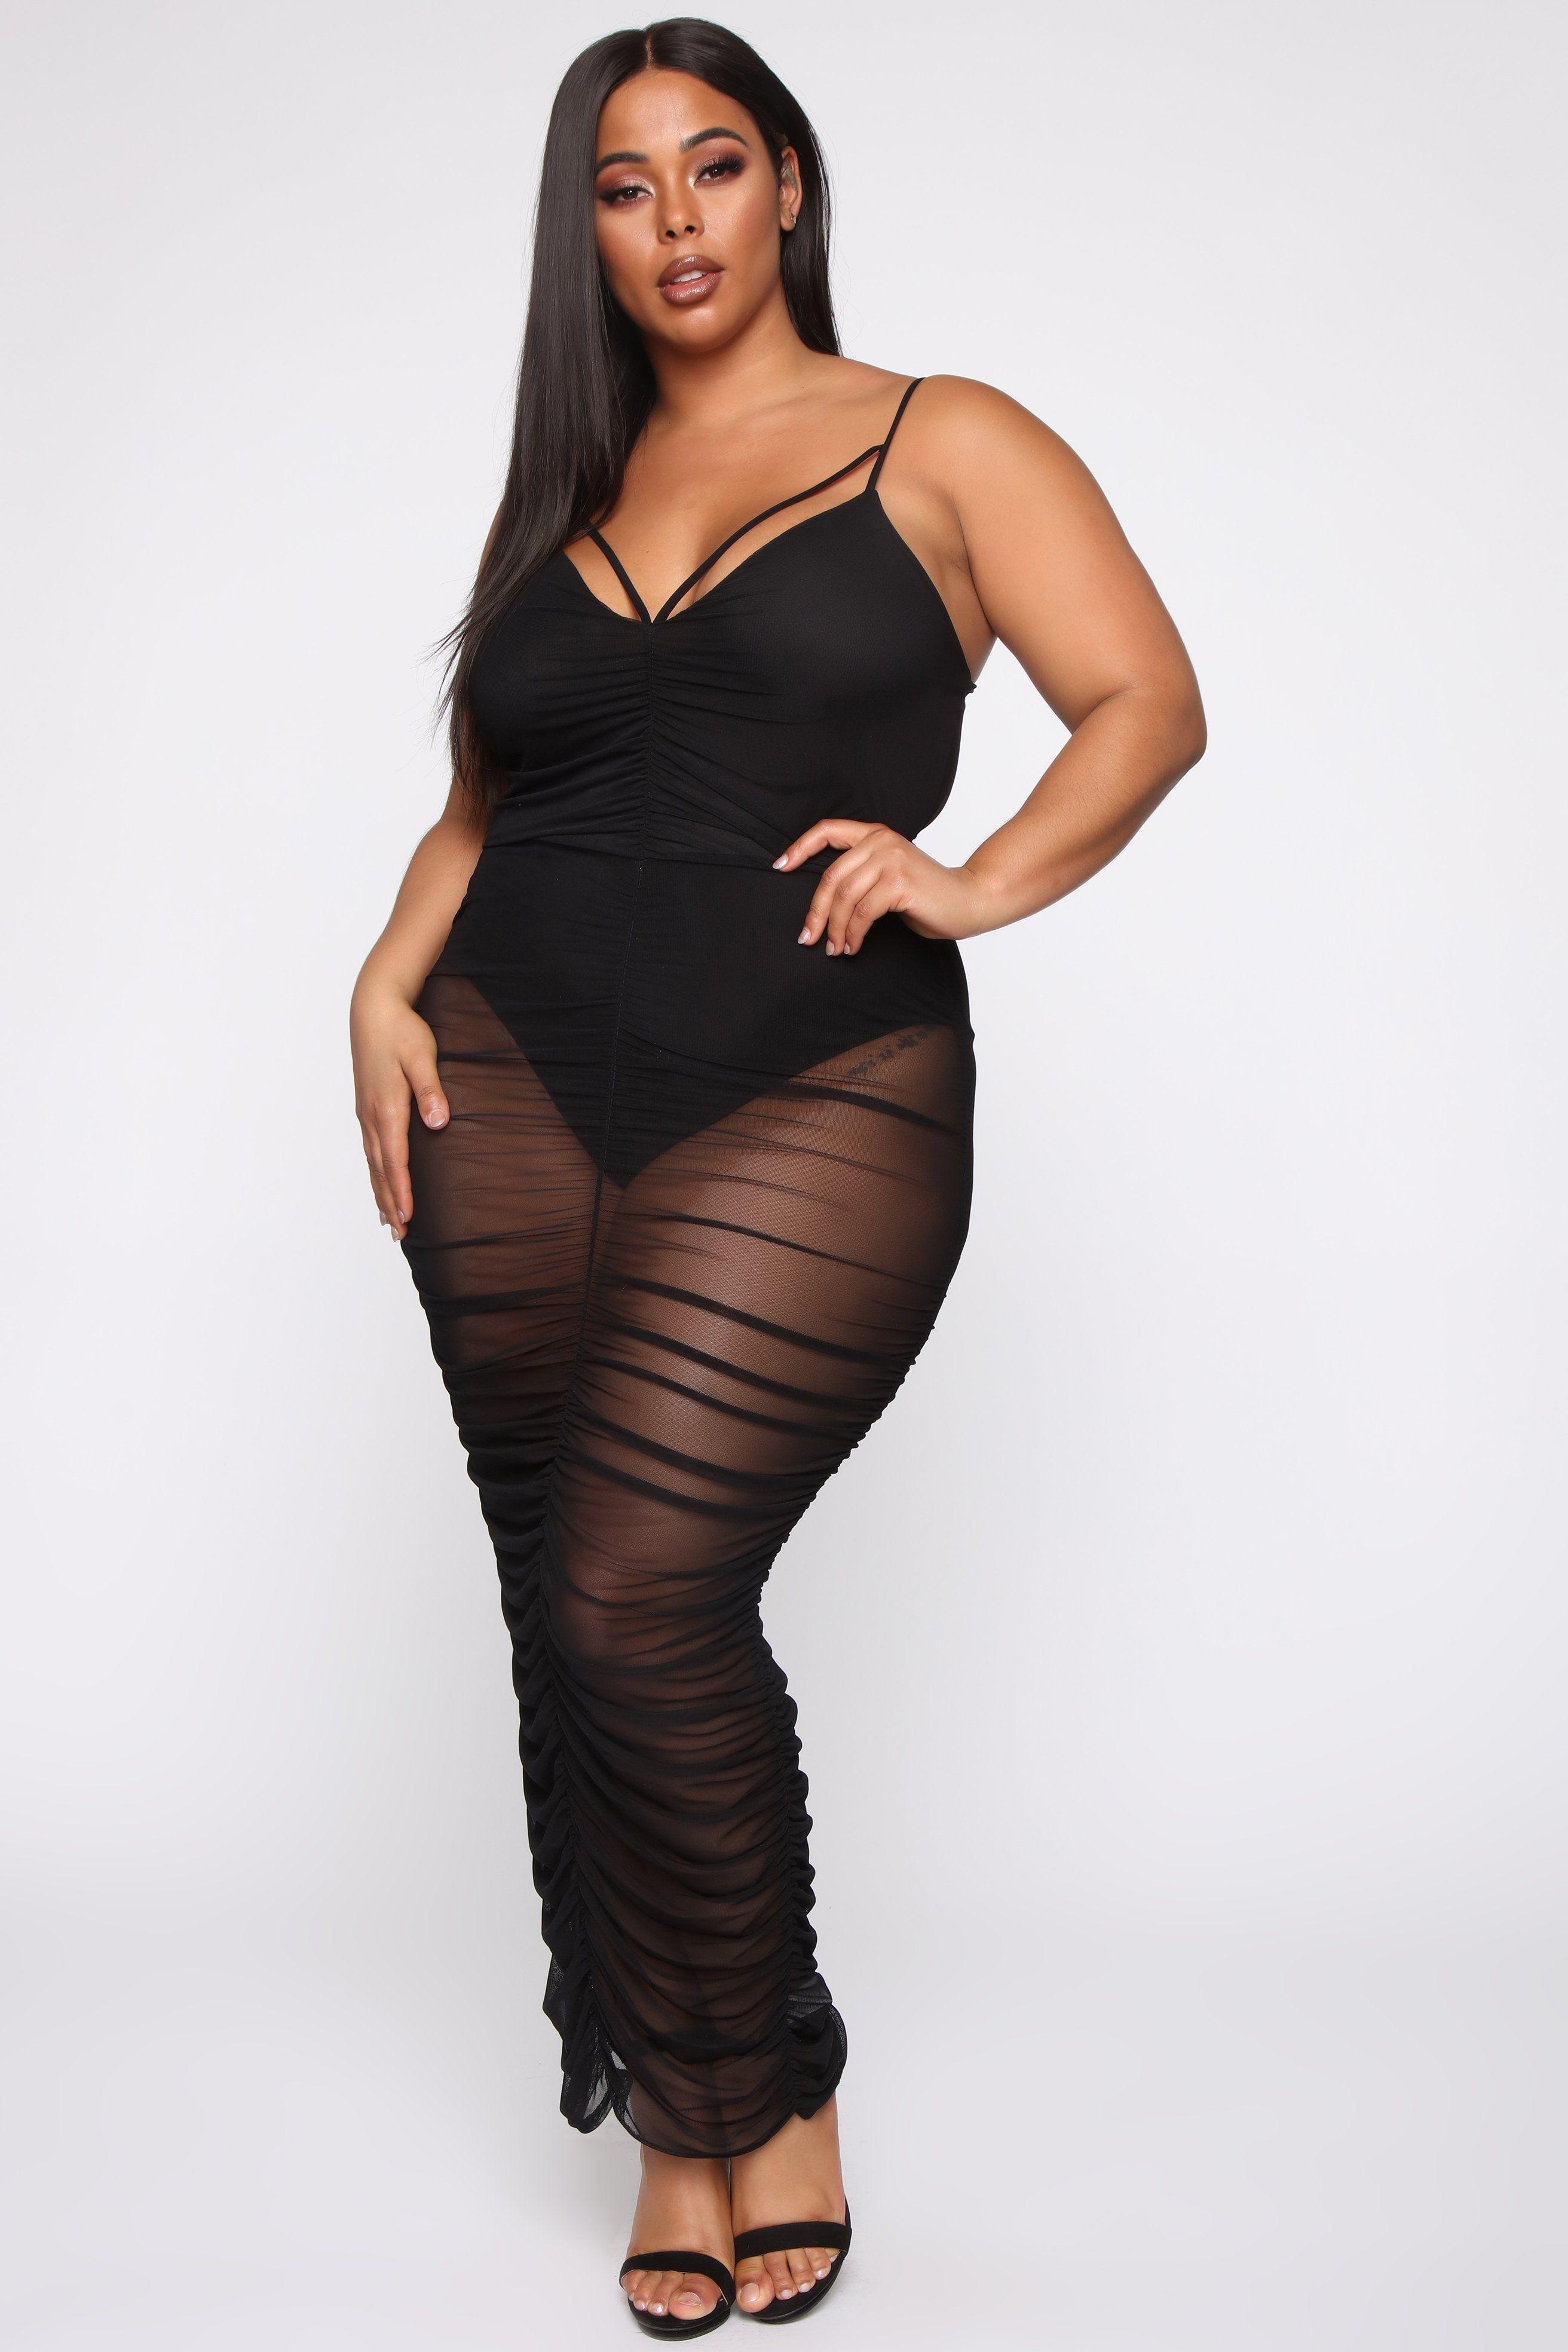 Tabria Majors Fashion nova plus size, Black maxi dress